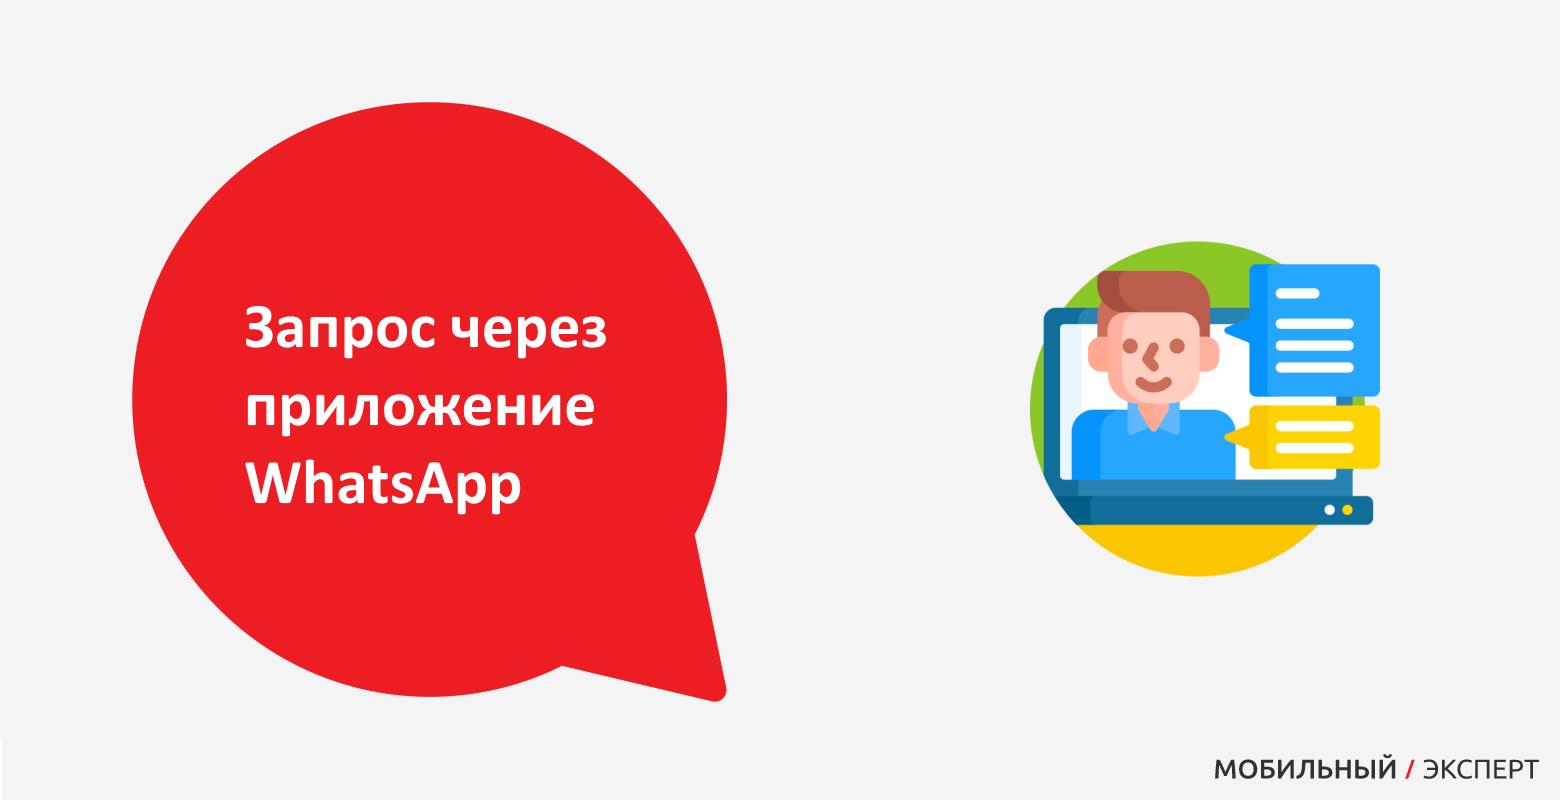 Запрос через приложение WhatsApp